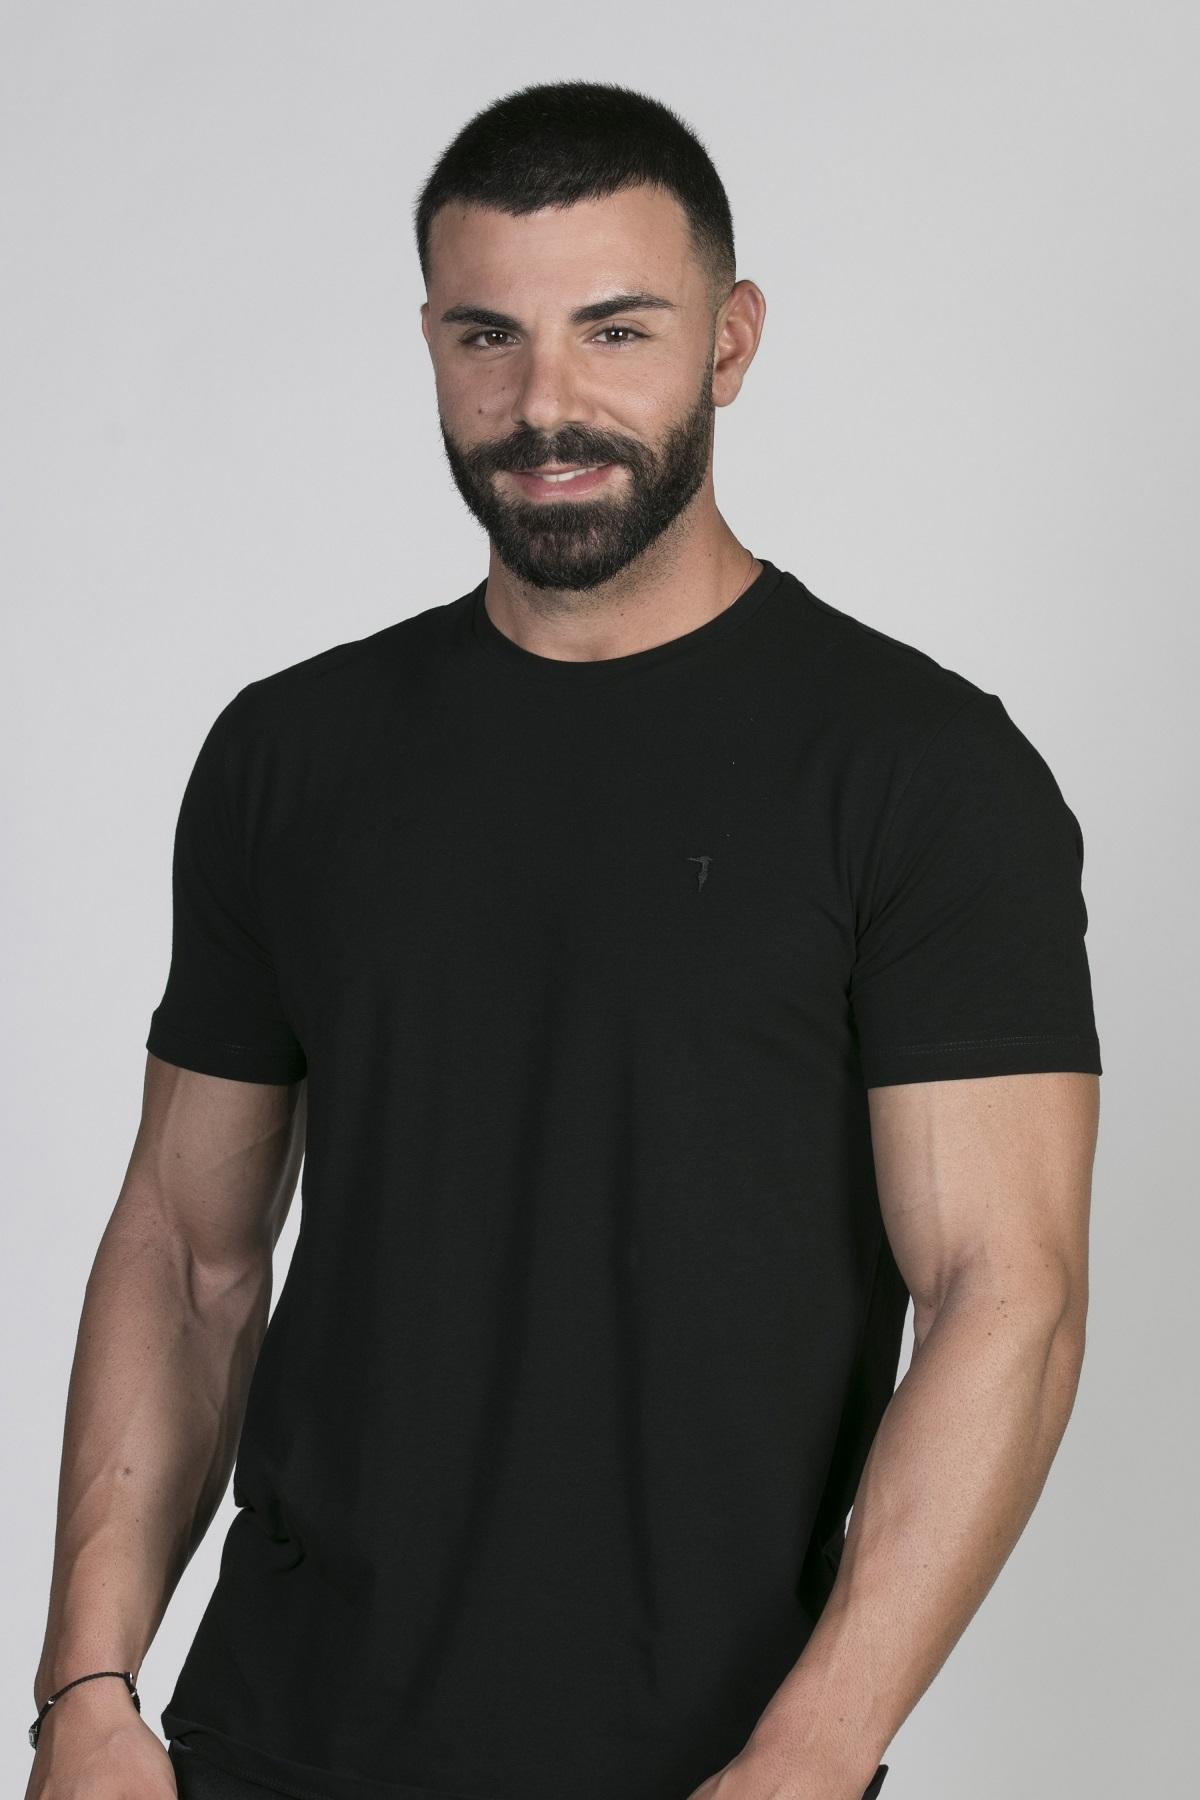 Αντώνης Αλεξανδρίδης